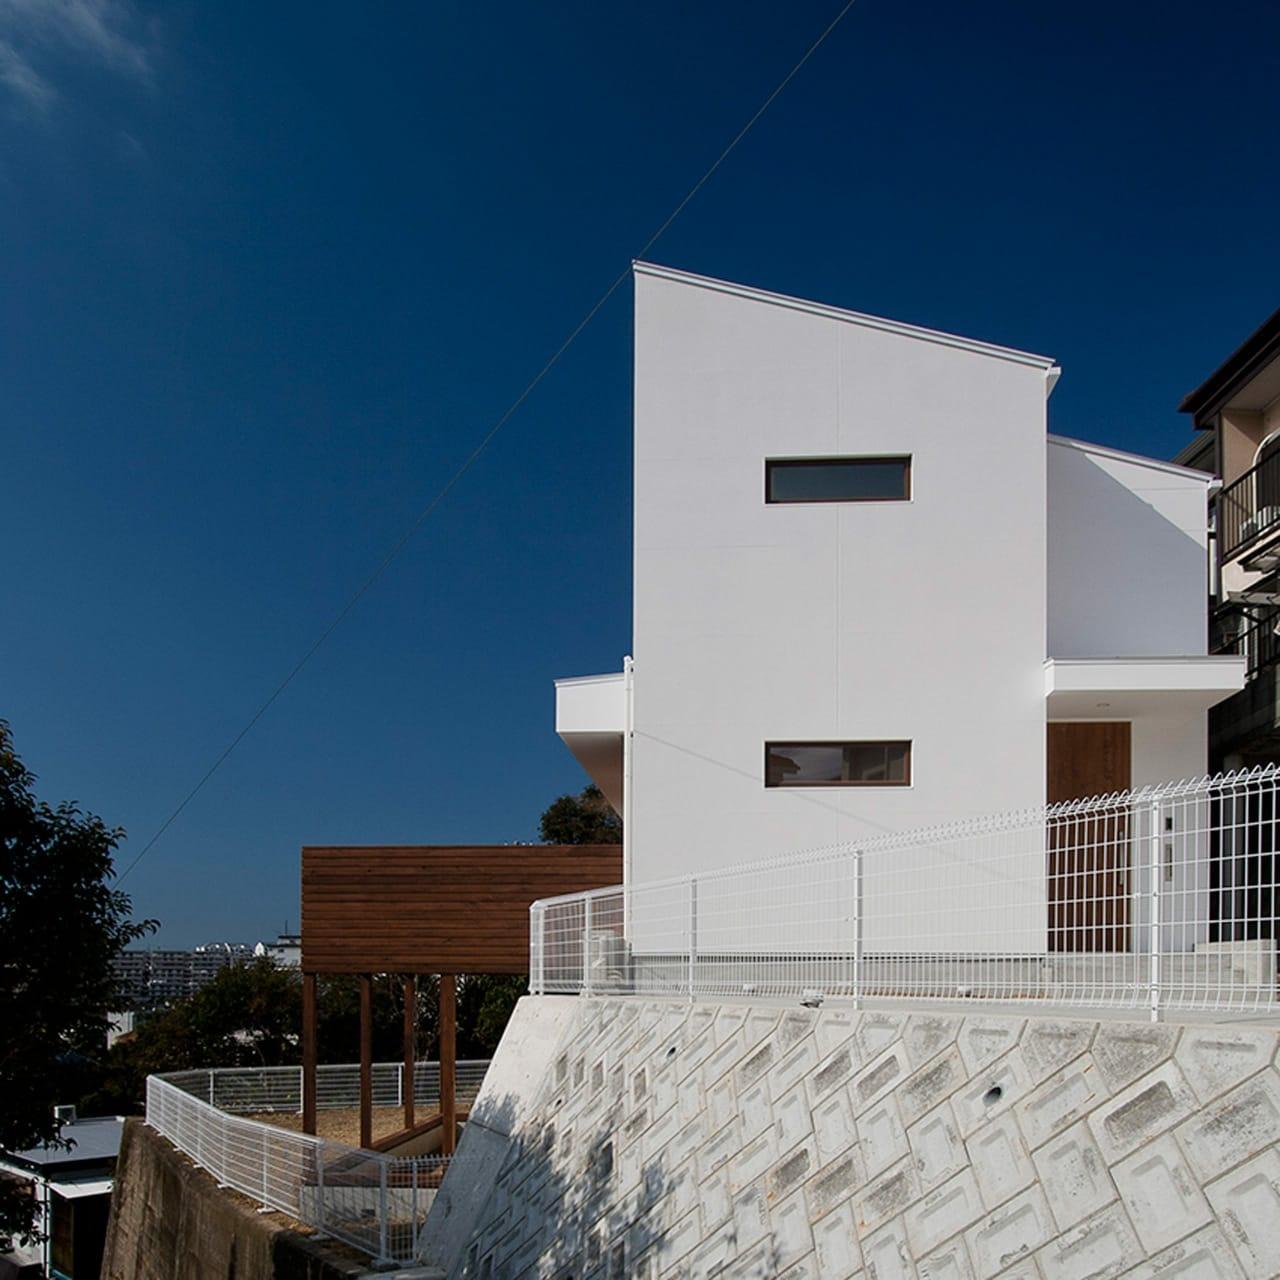 絶景!海を望む白い家